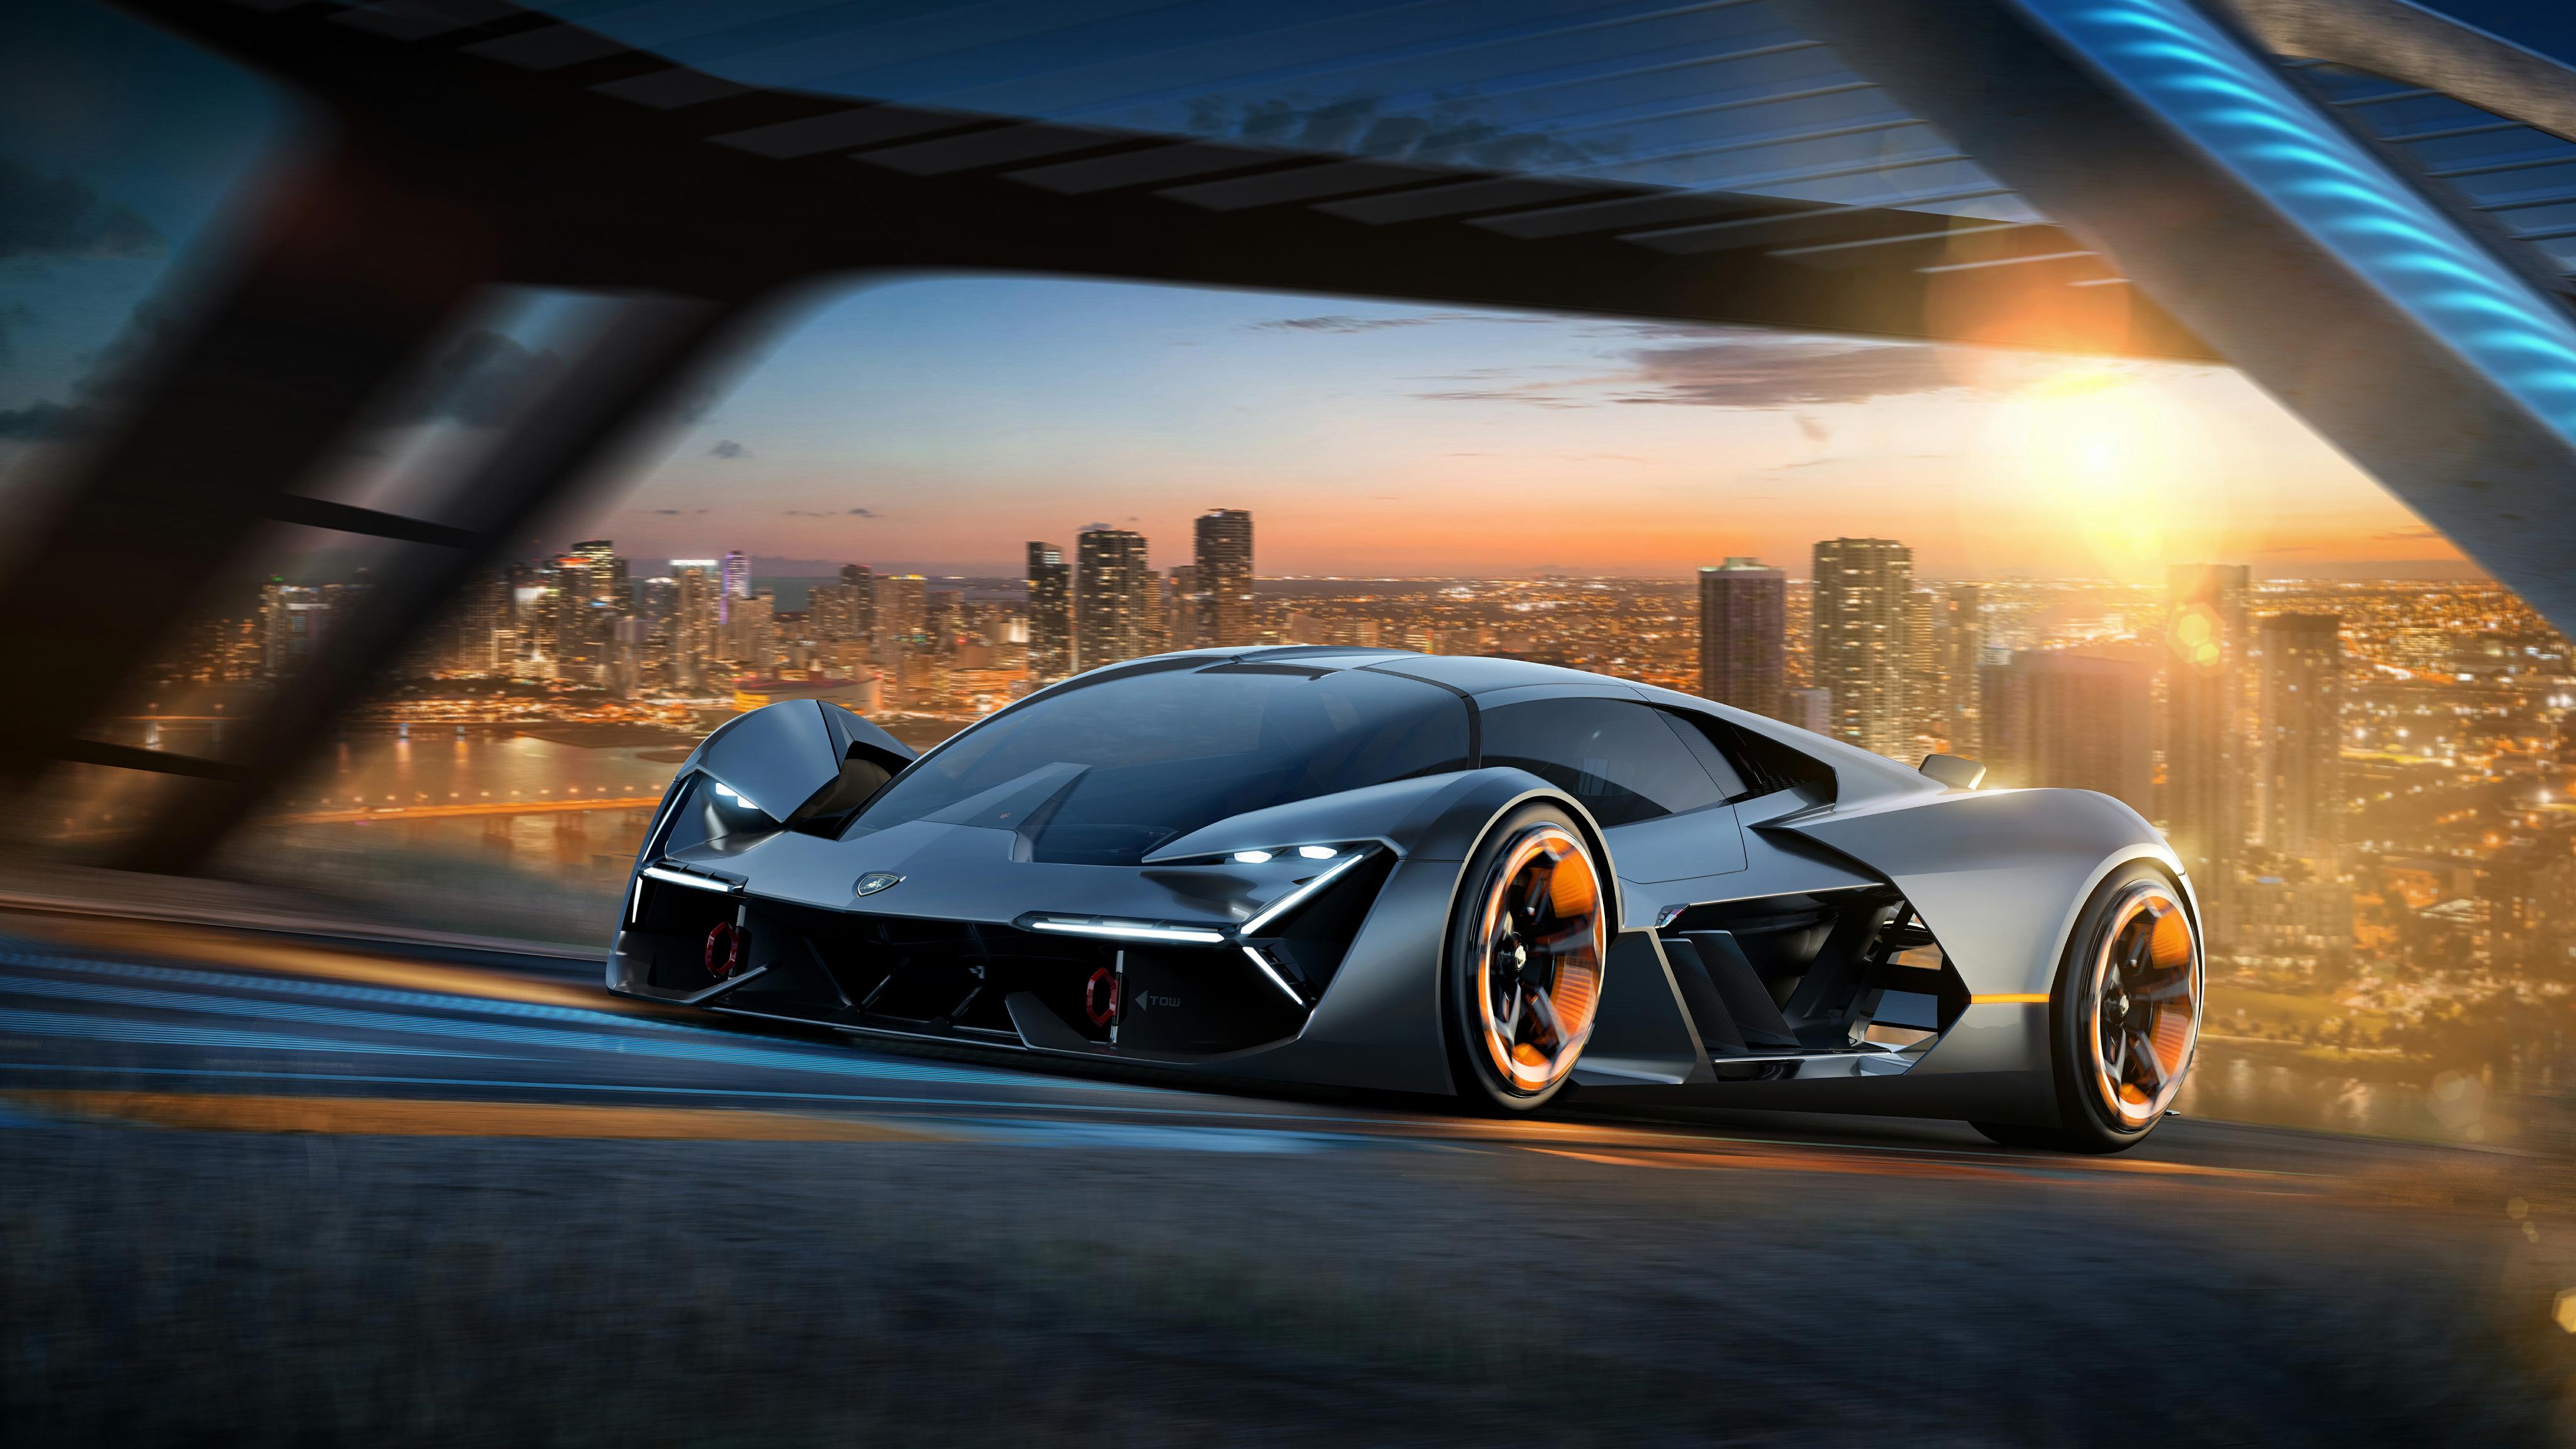 Lamborghini Terzo Millennio EV Supercar 4K